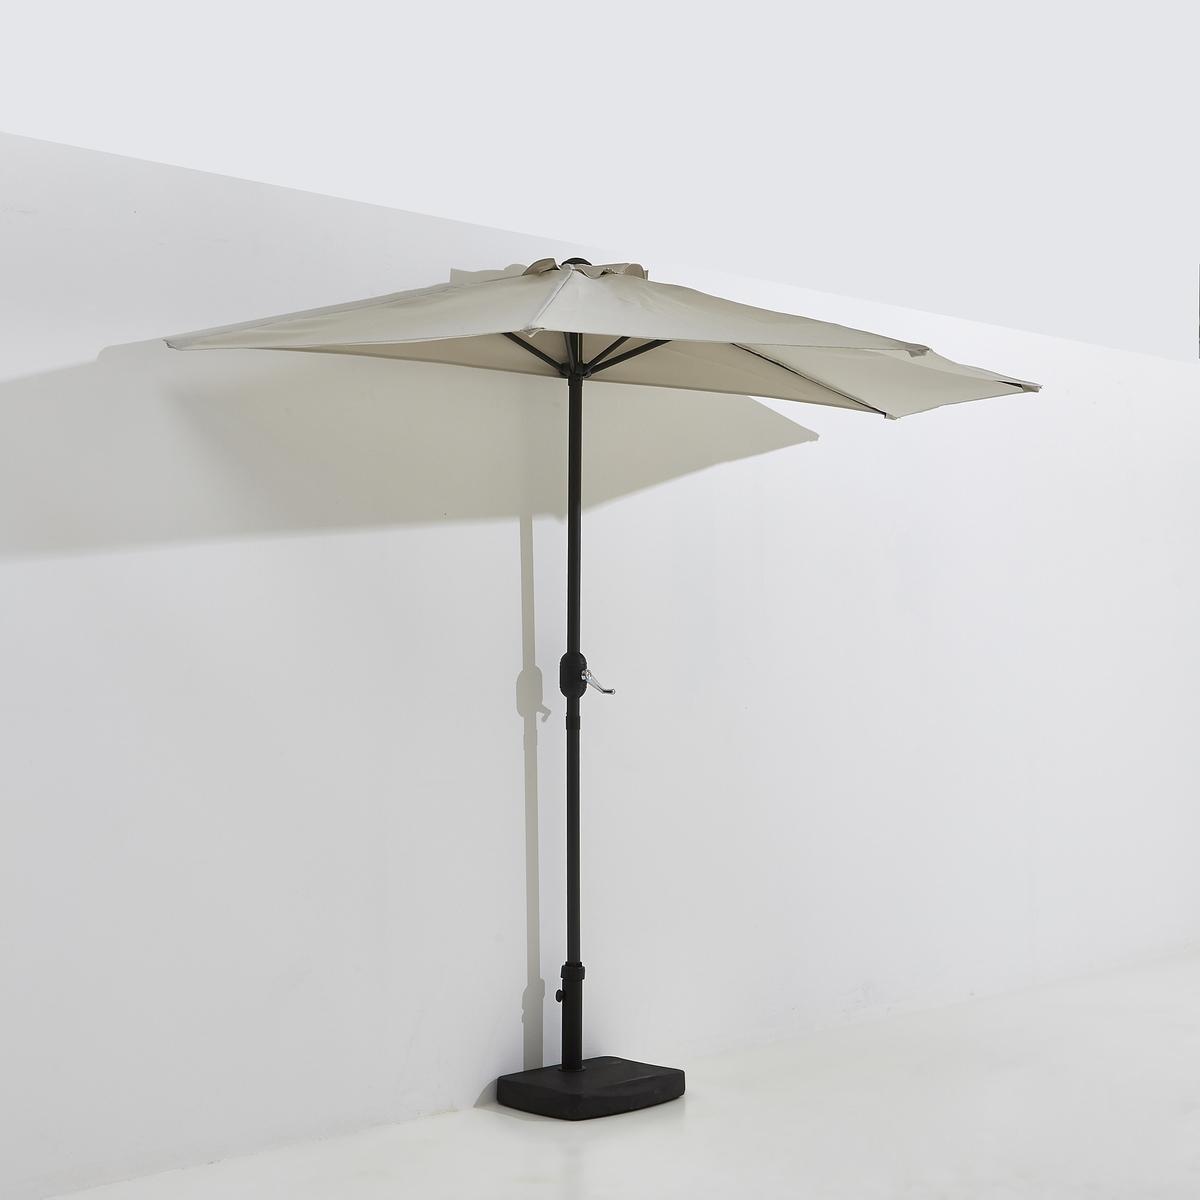 Зонт солнечный для балкона фанера пиломатериалы утеплители дмитровское шоссе